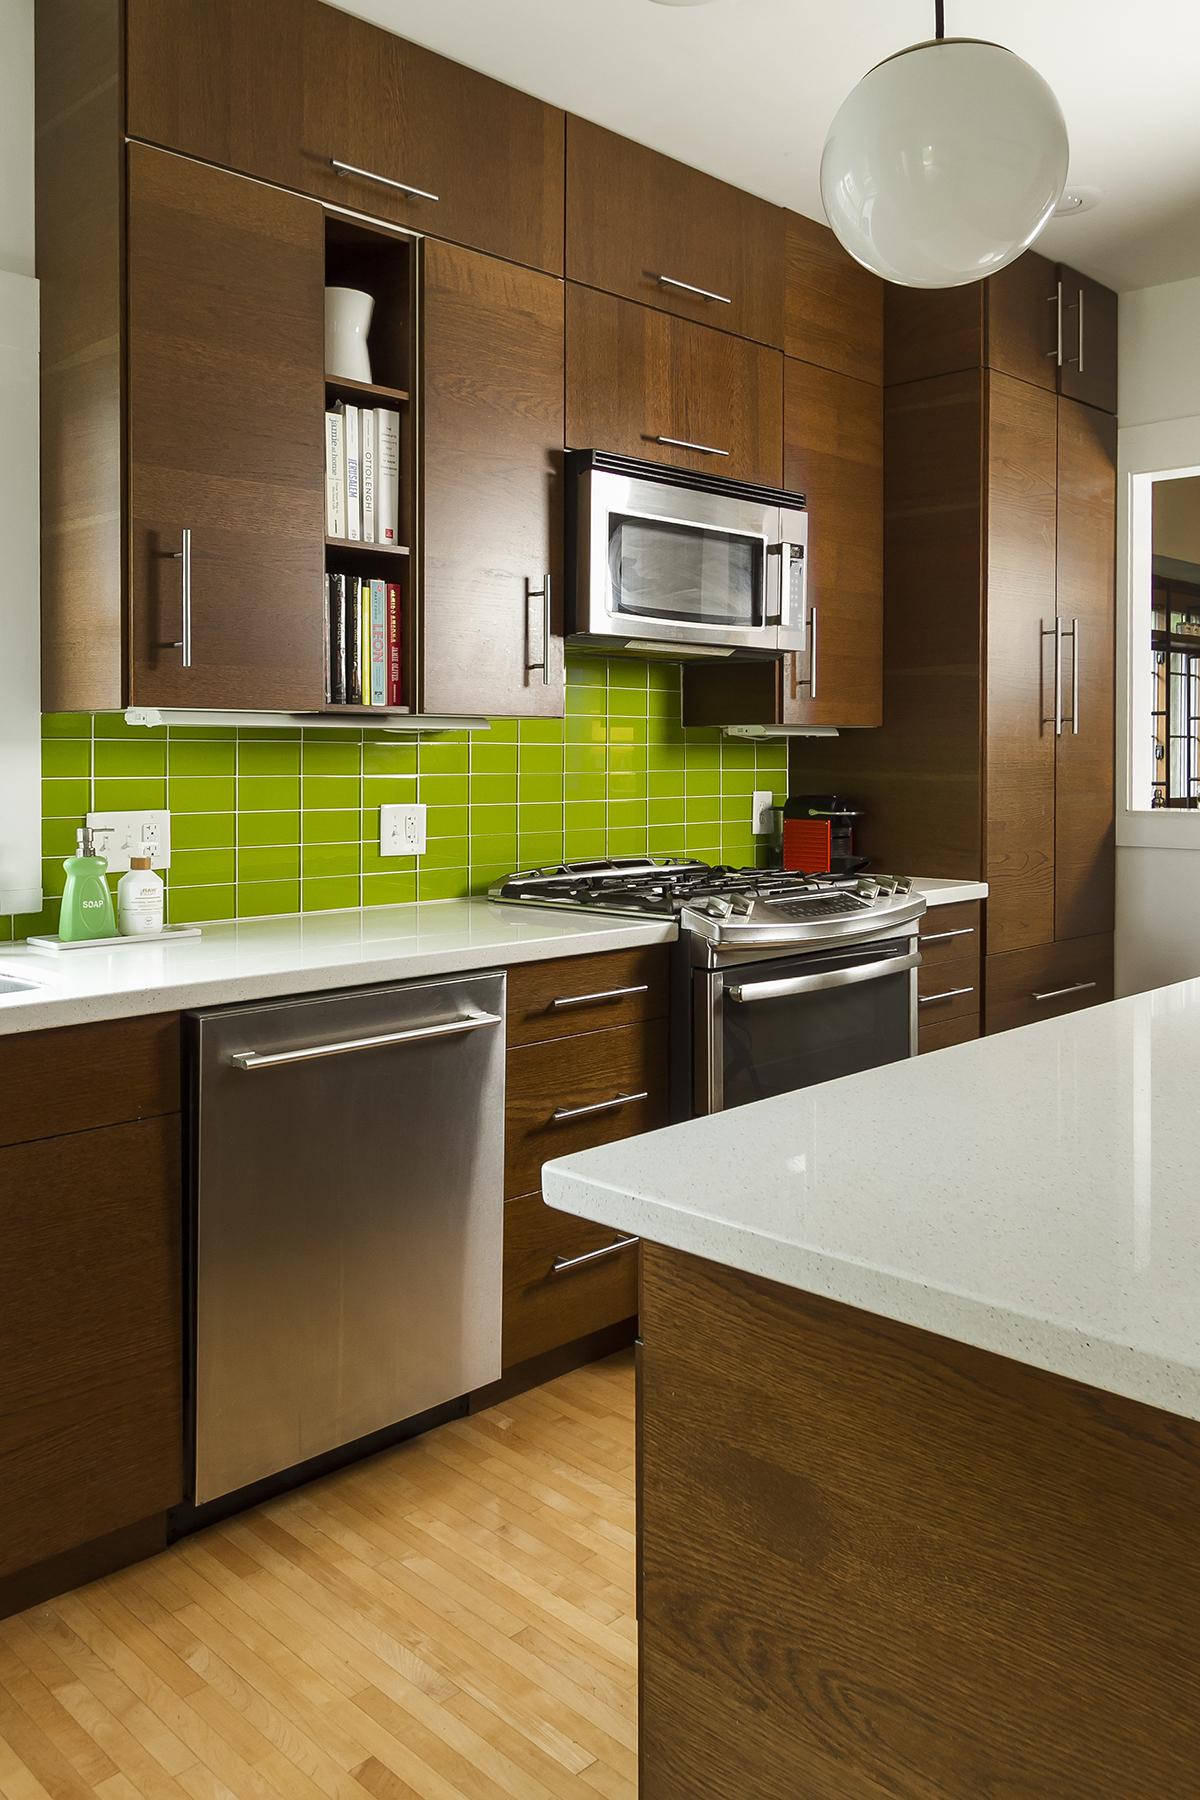 web_kitchen_v1_current.jpg